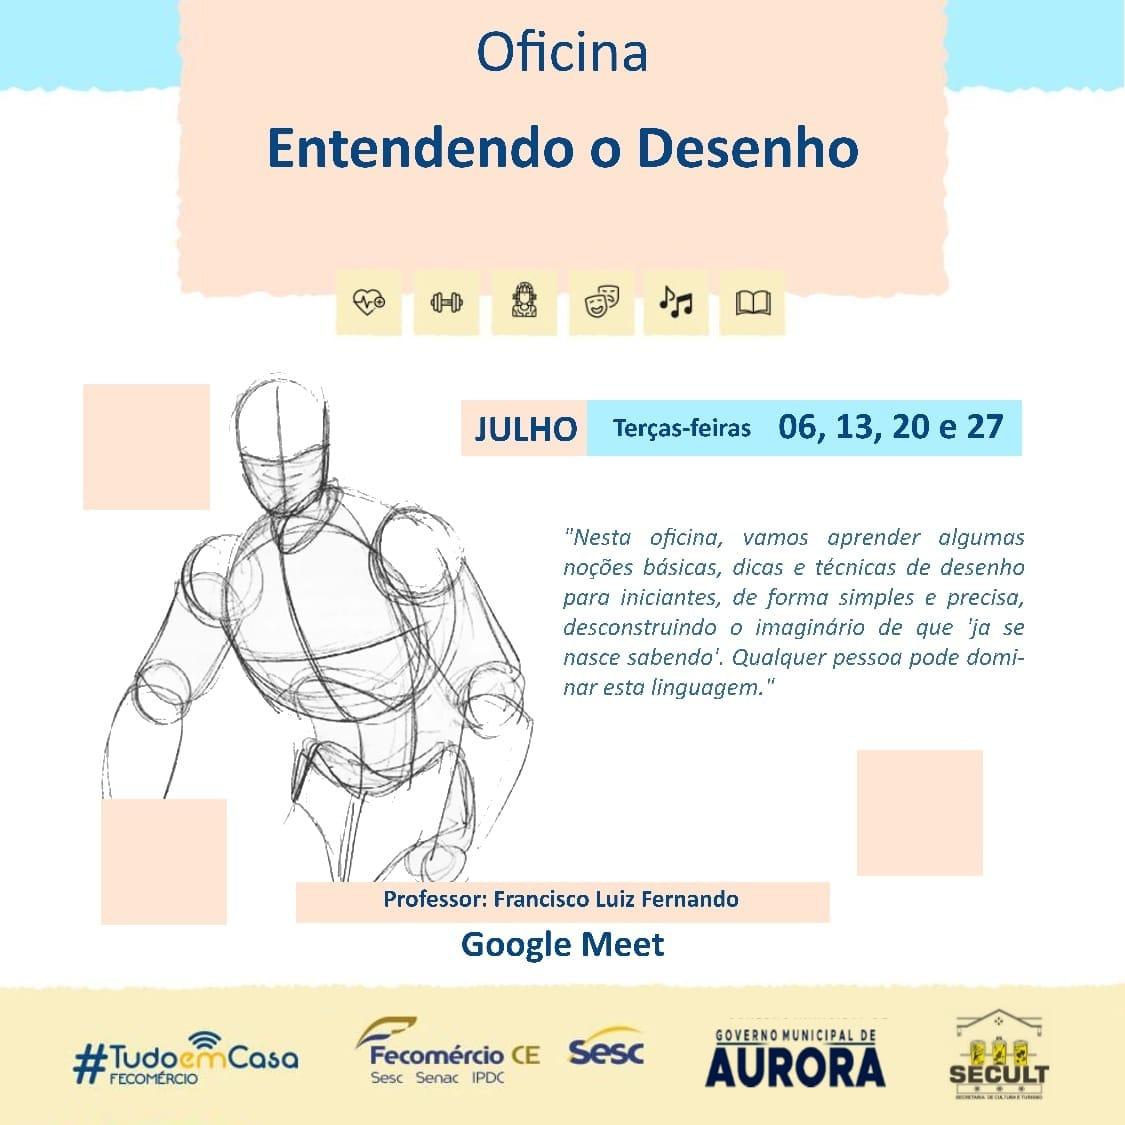 """Prefeitura de Aurora em parceria com o Sesc promove oficina on-line e gratuita """"Entendendo o Desenho"""""""